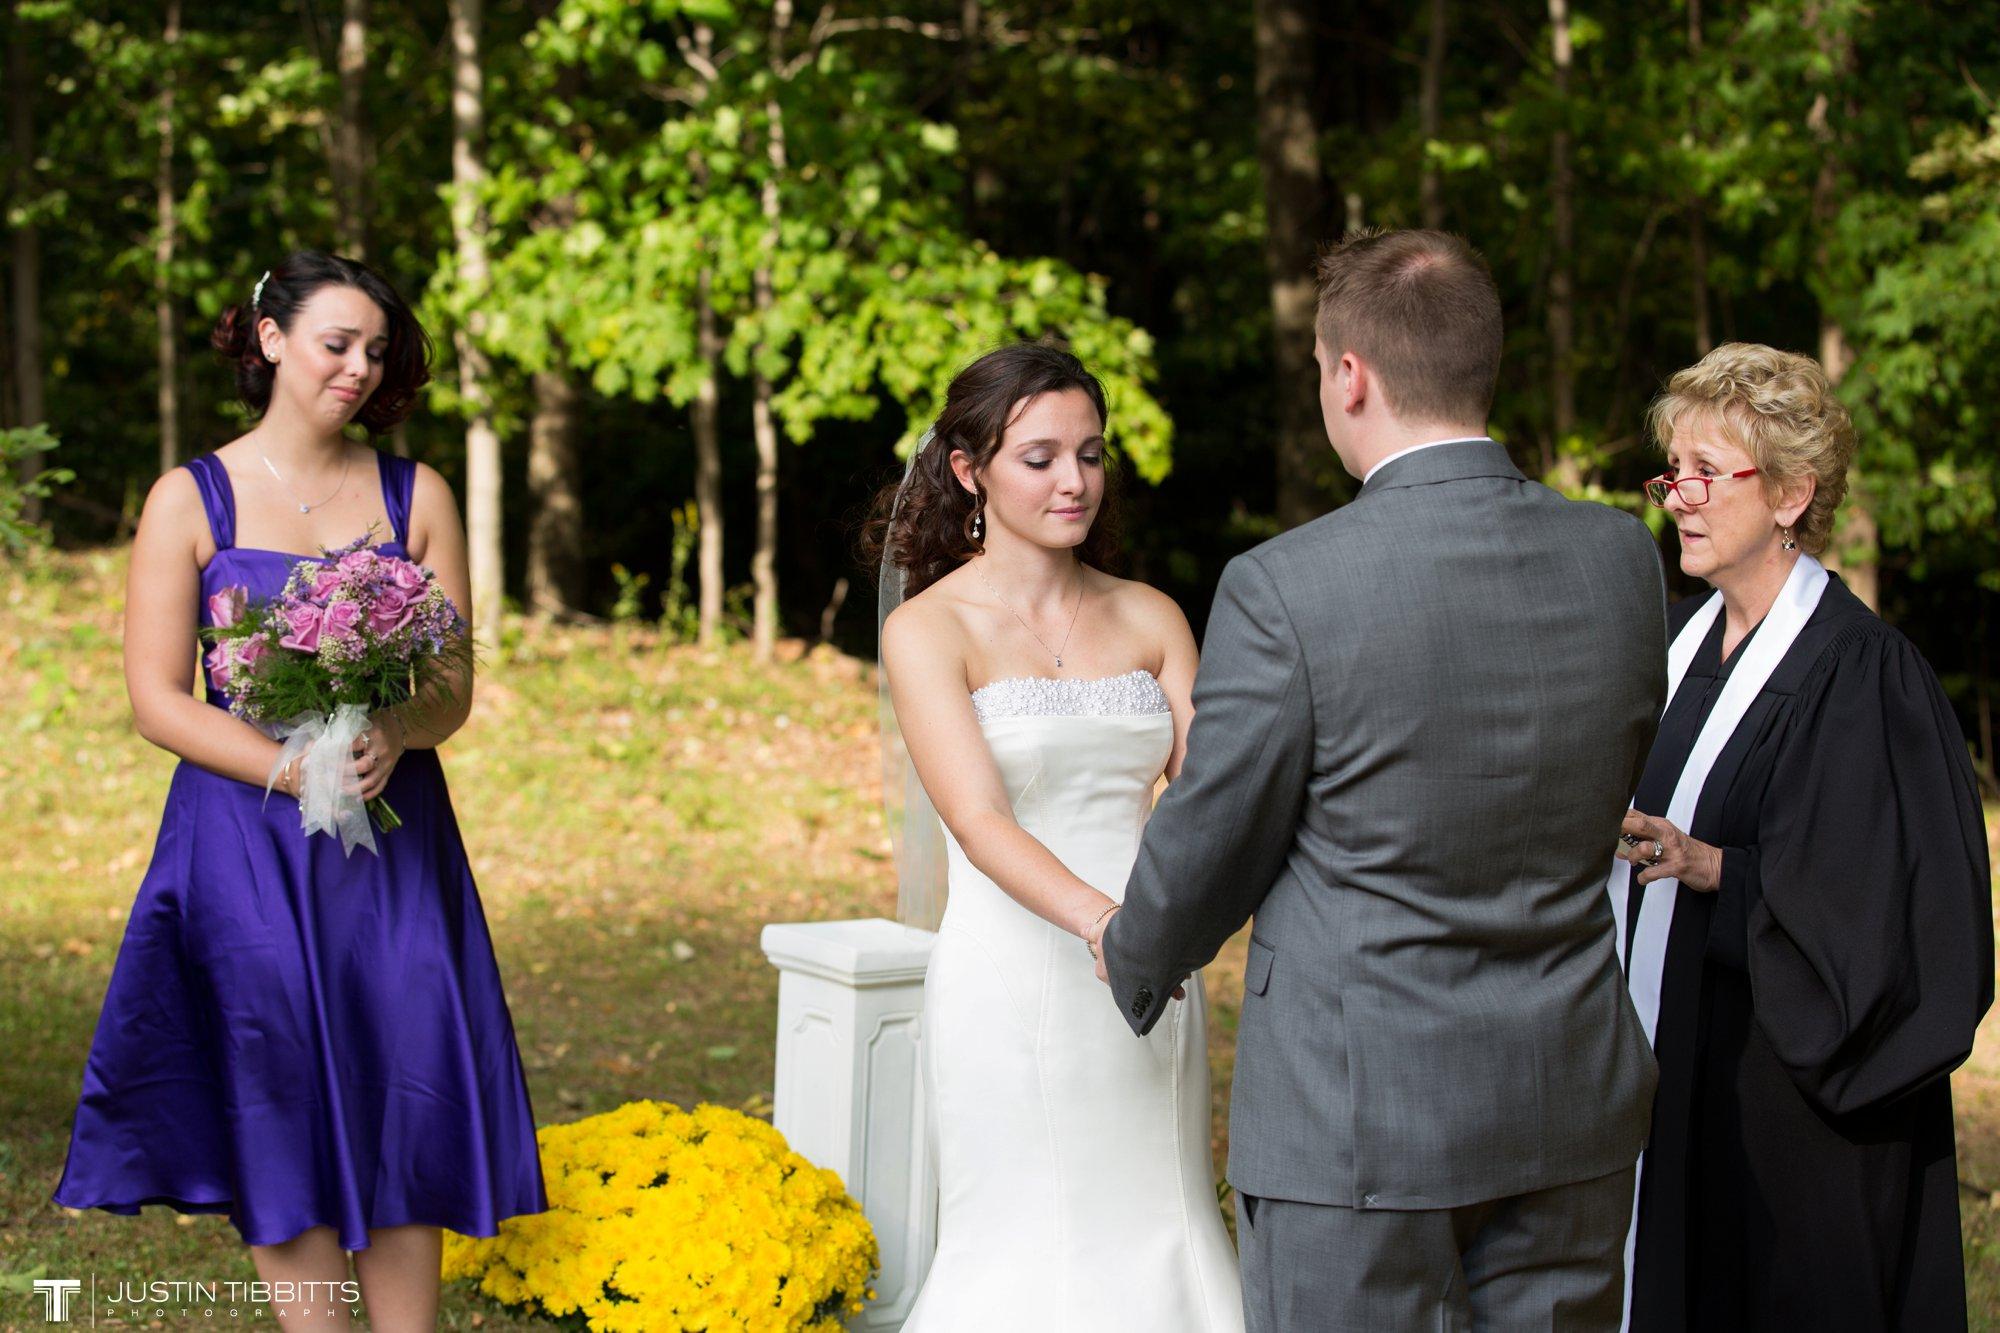 Justin Tibbitts Photography Rob and Brittany's Averill Park, NY Wedding_0378